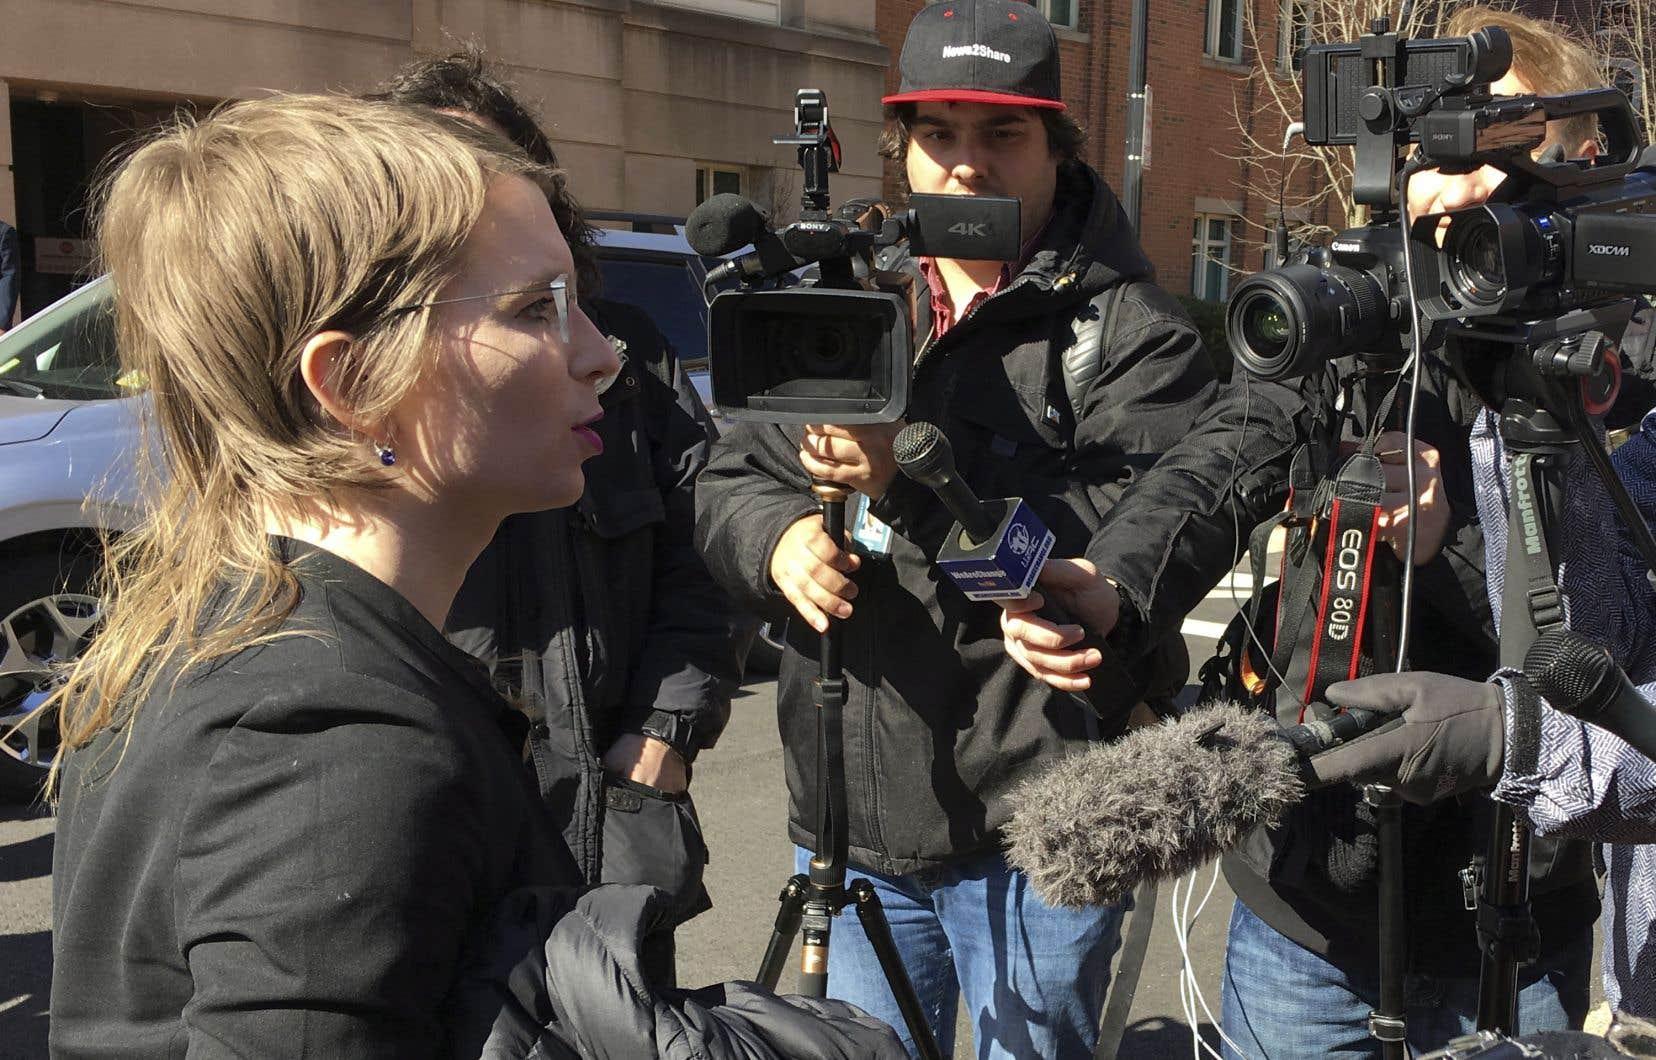 Chelsea Manning refuse de répondre aux questions d'un grand jury supervisant une enquête sur l'organisation fondée par Julian Assange.